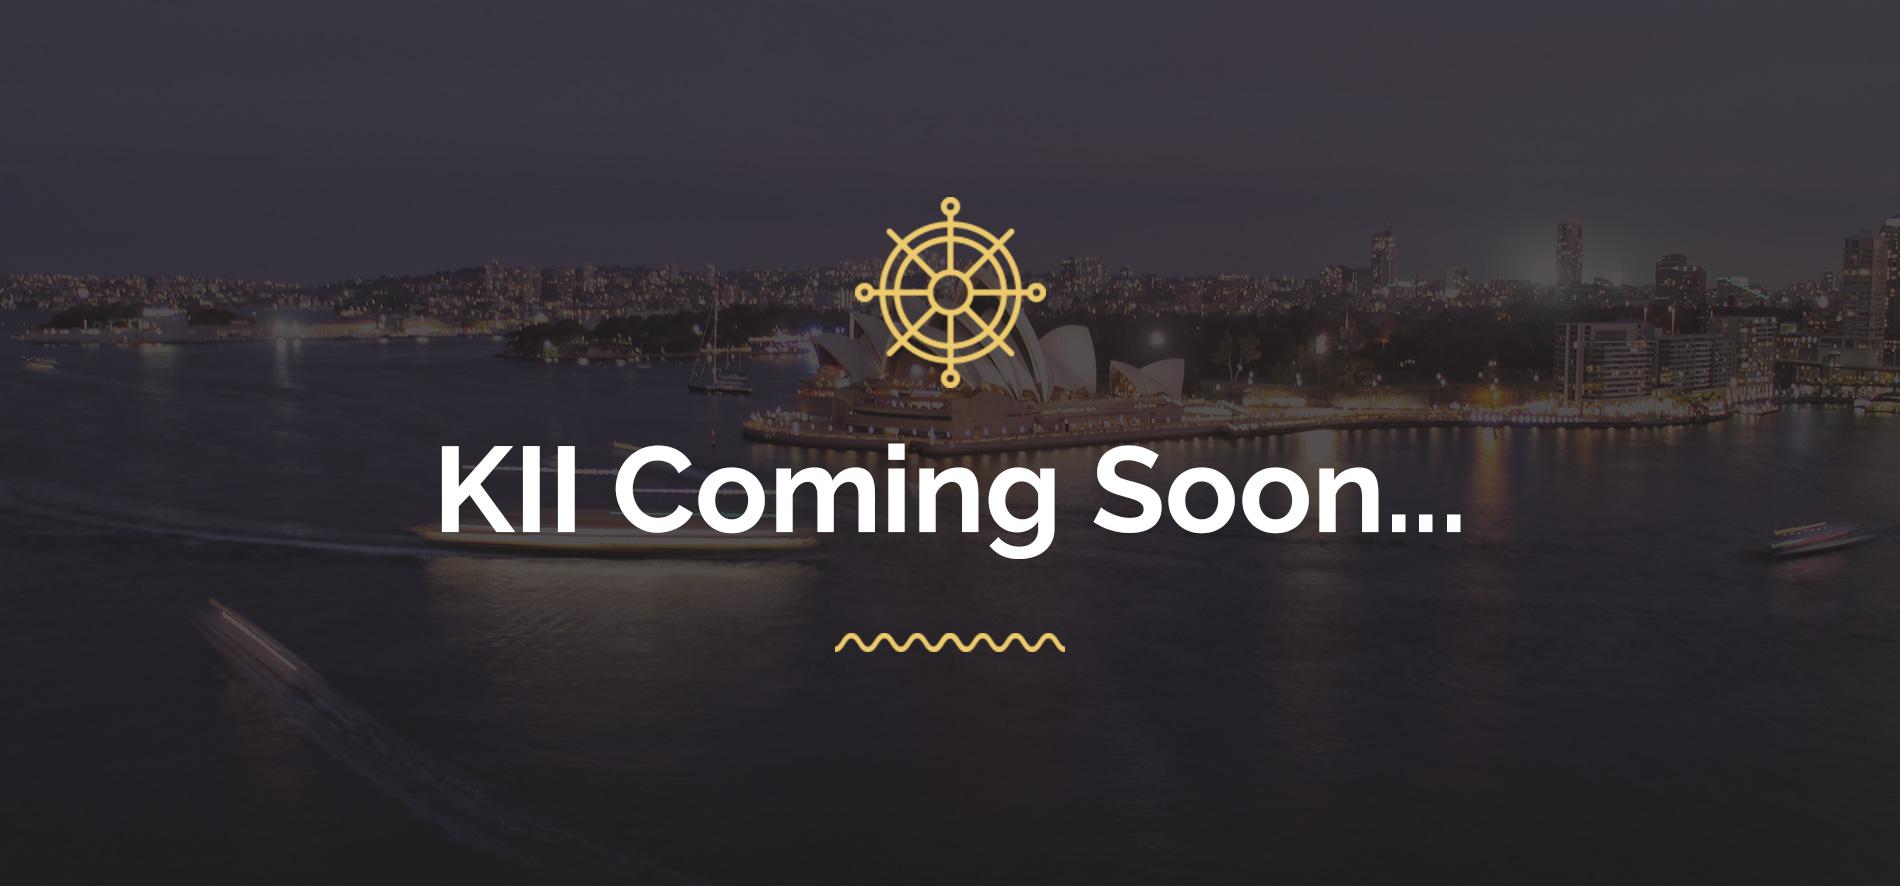 KII Coming Soon